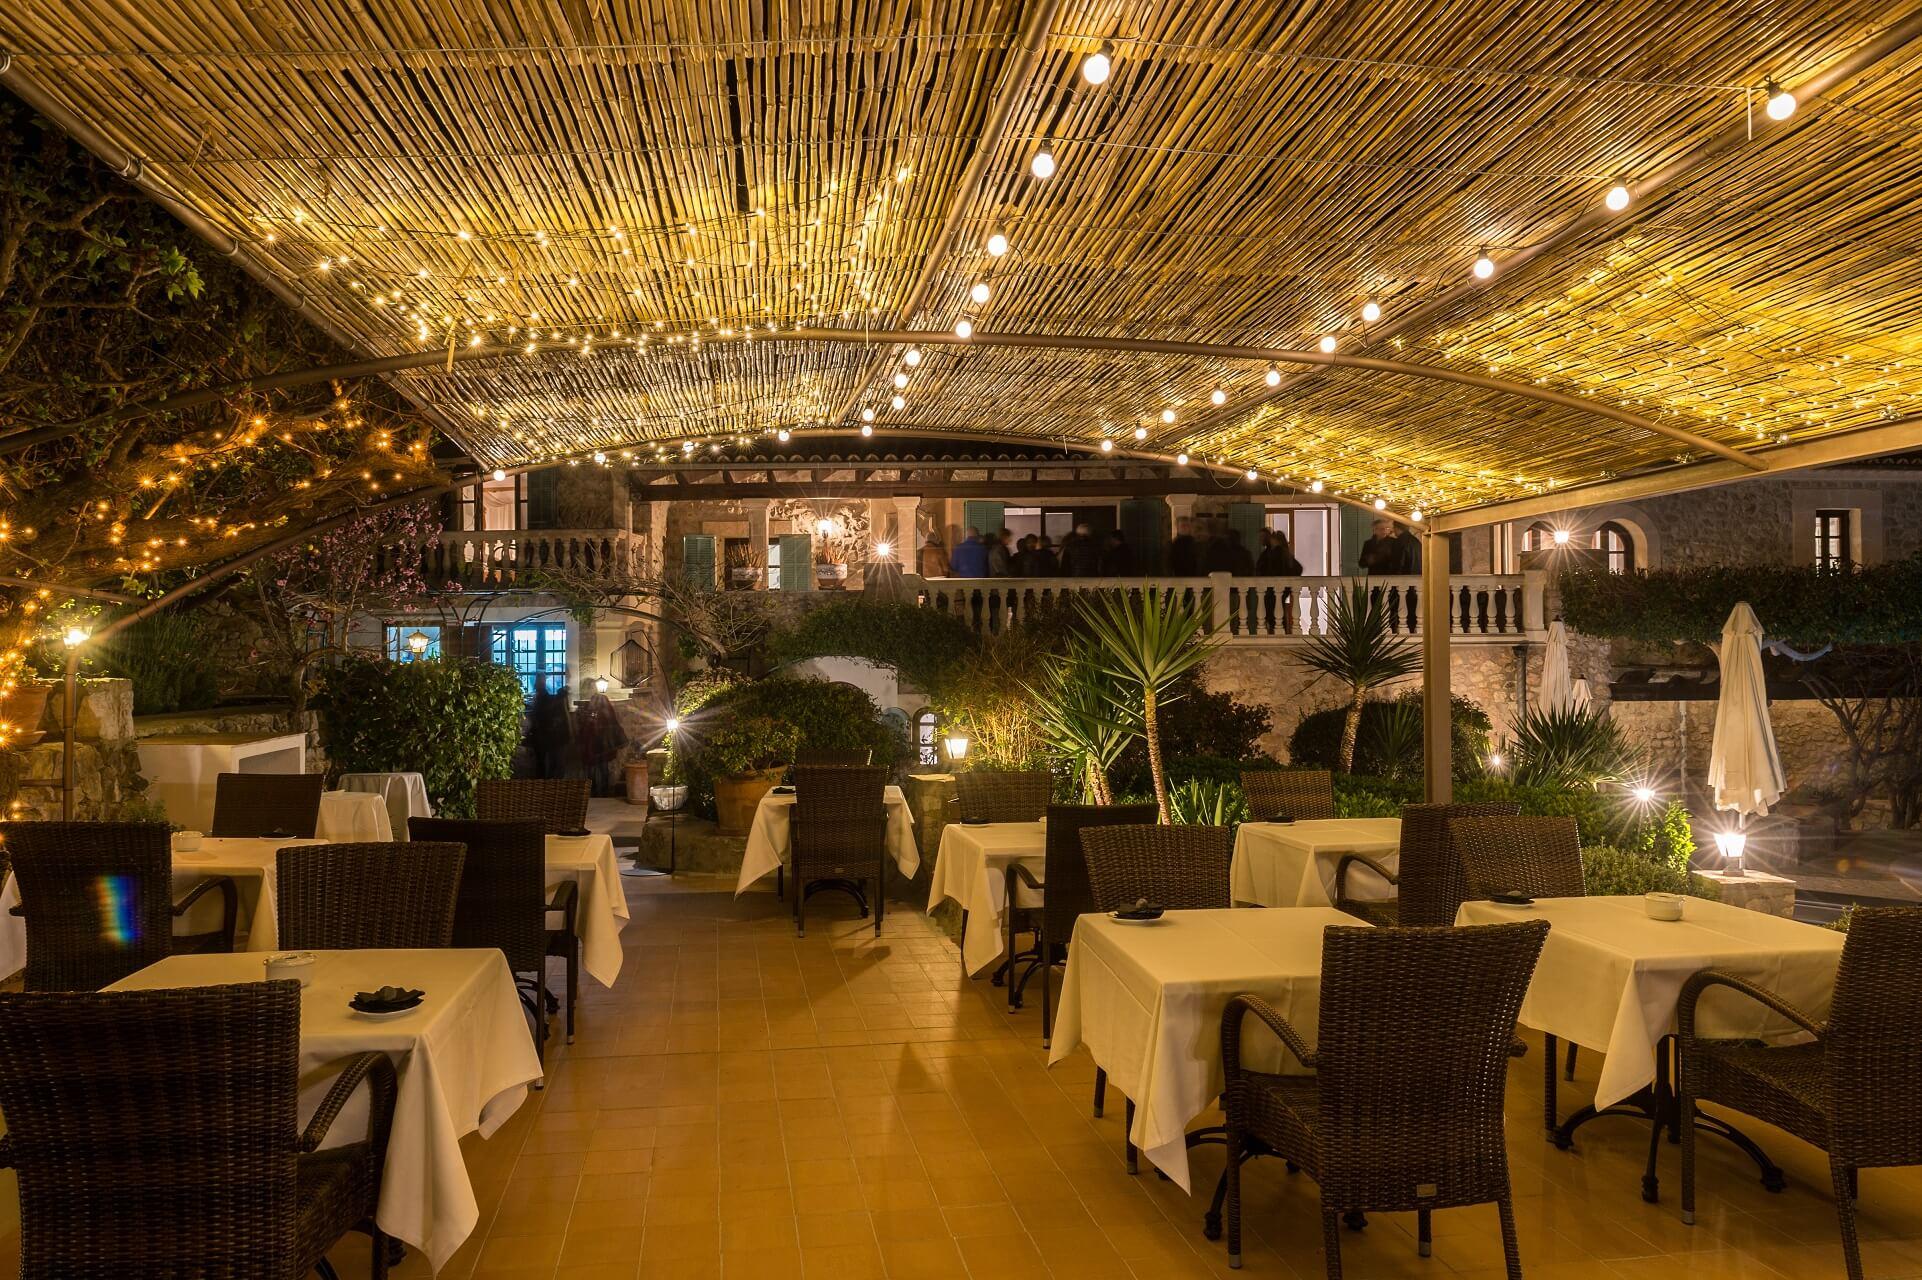 Das sind die 5 besten hotels auf mallorca urlaubsguru for Design hotels auf mallorca